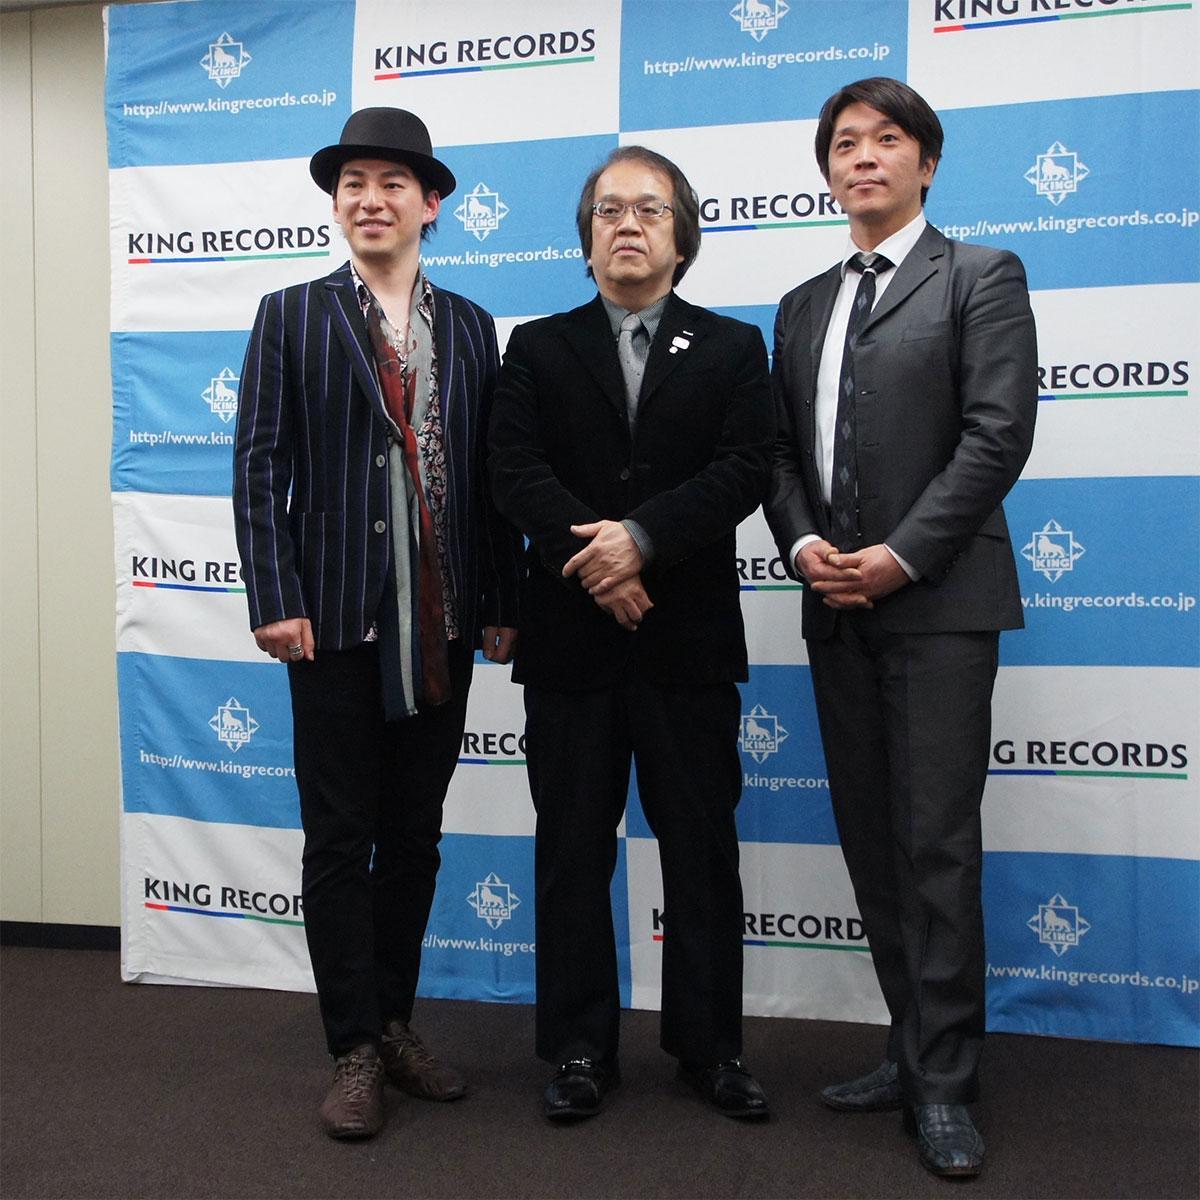 「スターレディオレコーズ」に参加する冨永裕輔さん(左)、東野純直さん(右)と中野社長